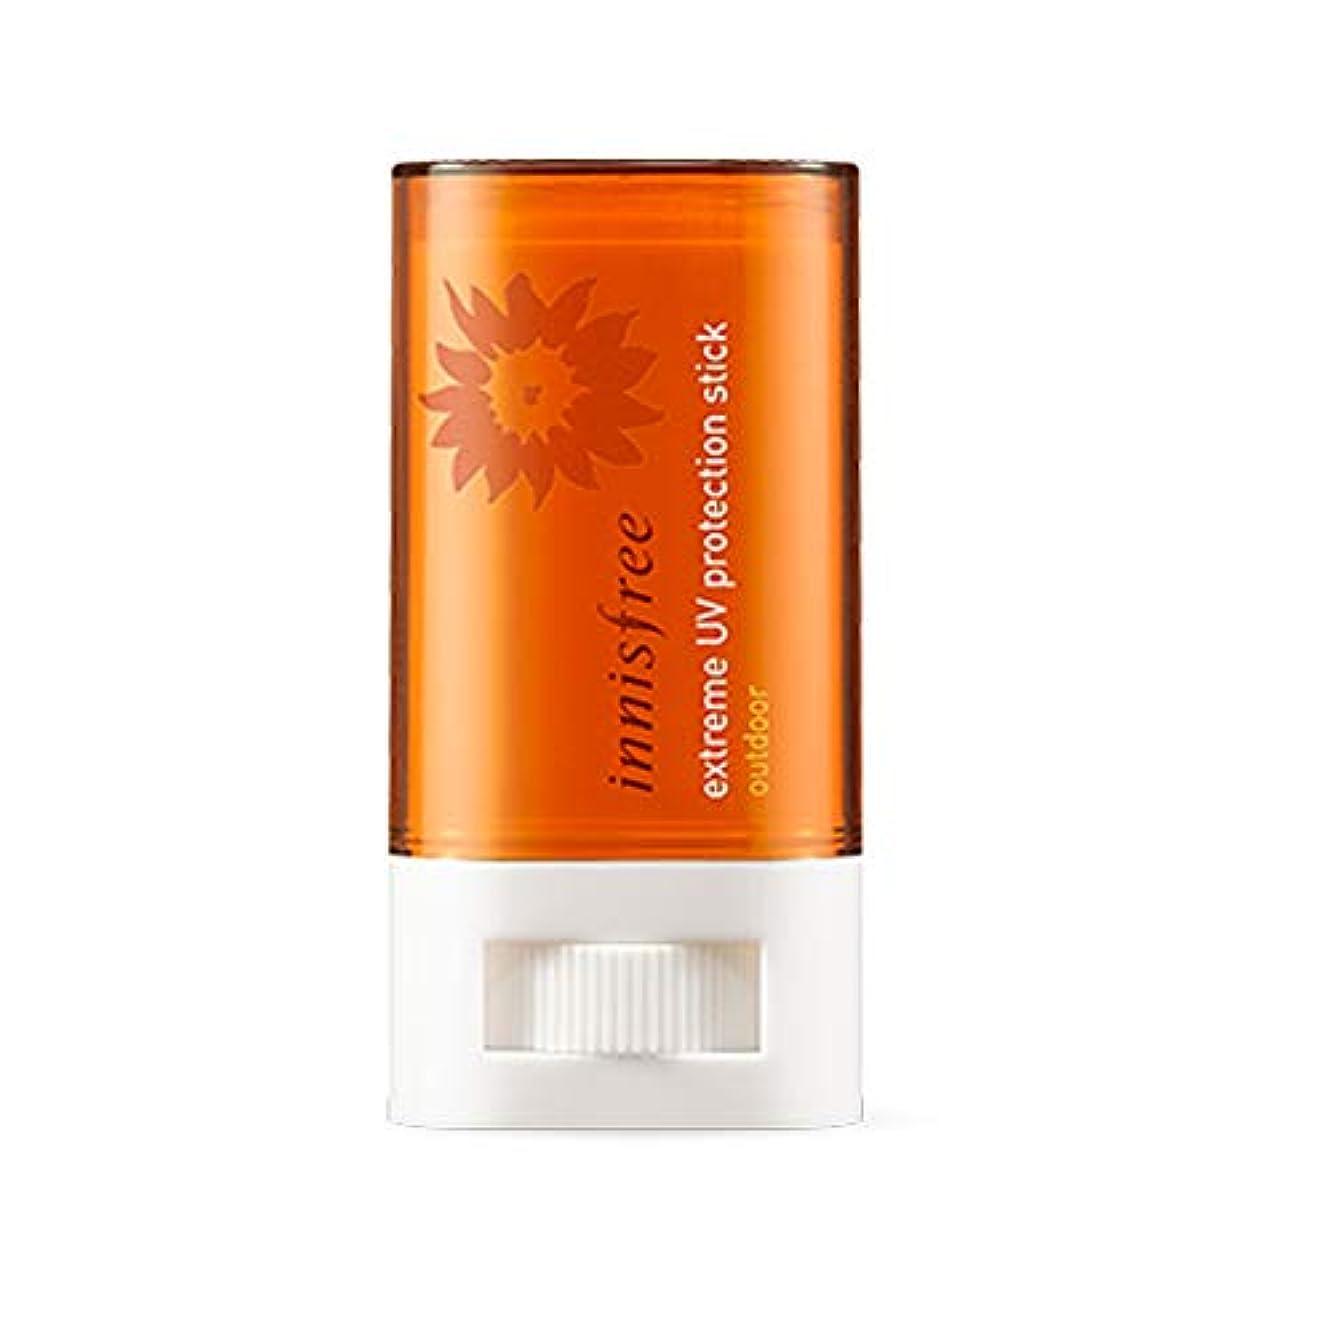 手つかずの既に反逆者イニスフリーエクストリームUVプロテクションスティックアウトドアSPF50 + PA ++++ 19g Innisfree Extreme UV Protection Stick Outdoor SPF50 + PA +...